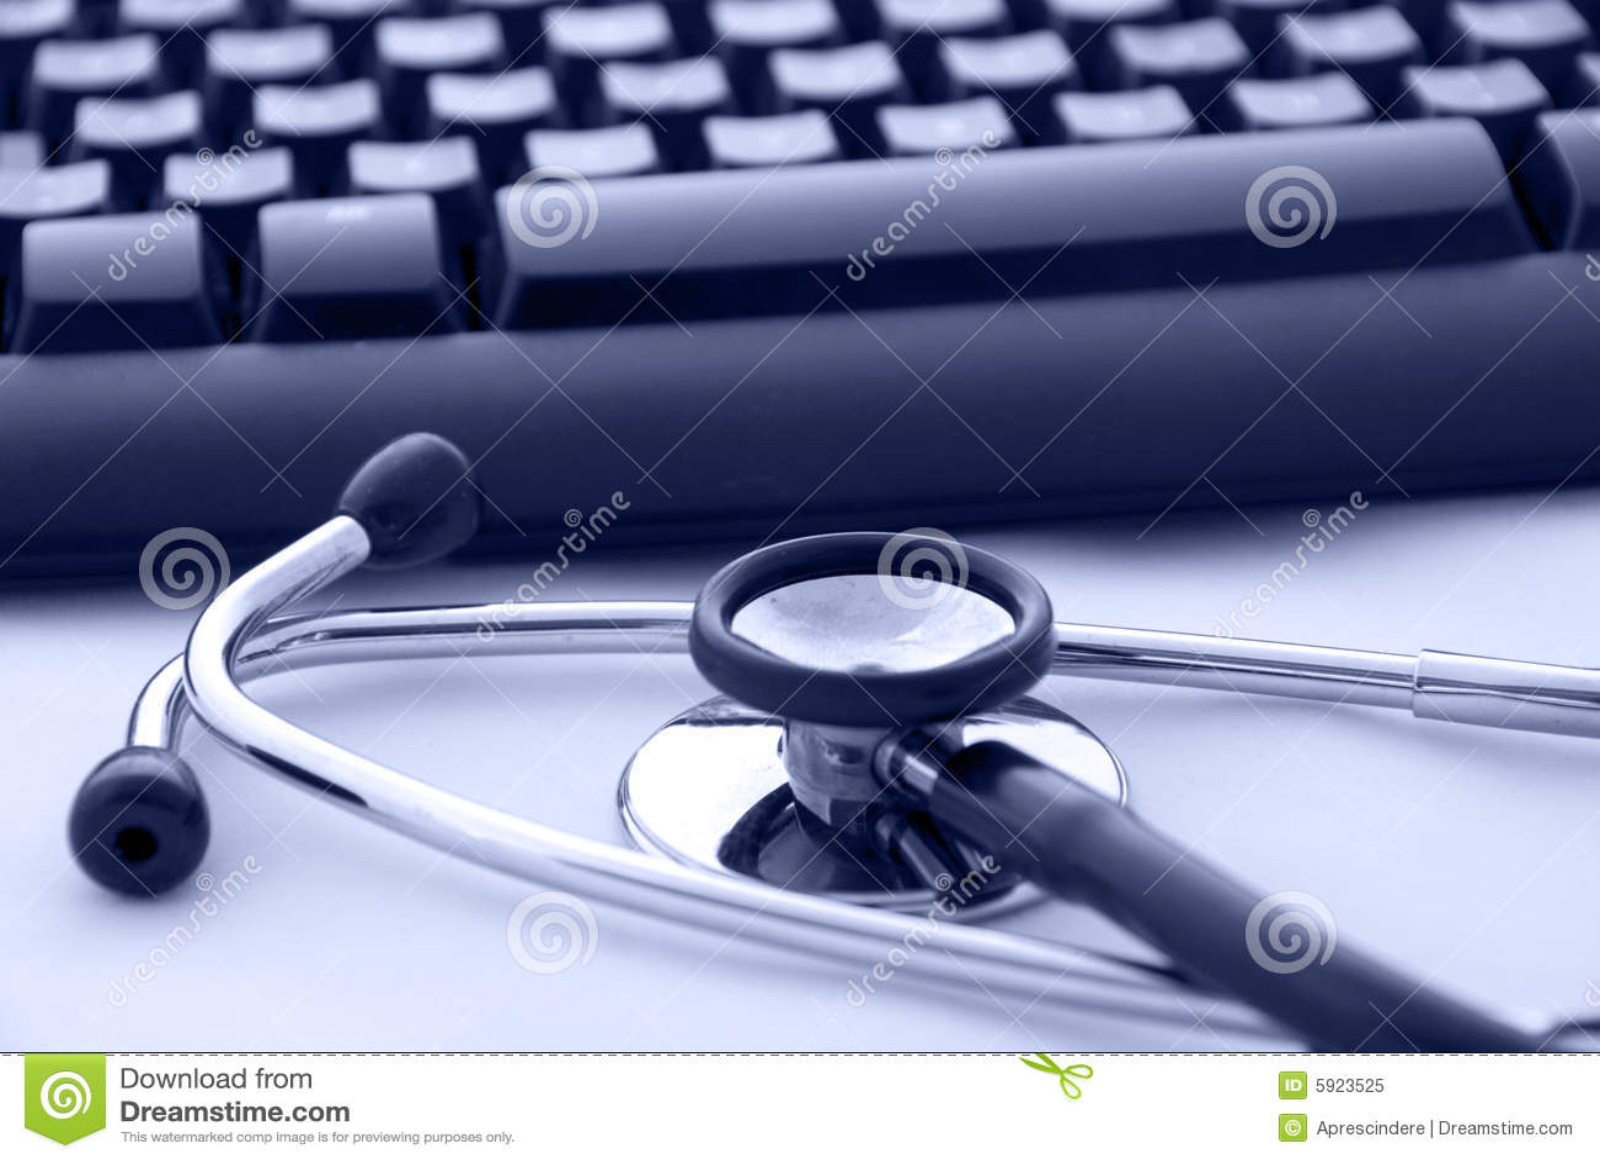 Stethoscoop door een computertoetsenbord